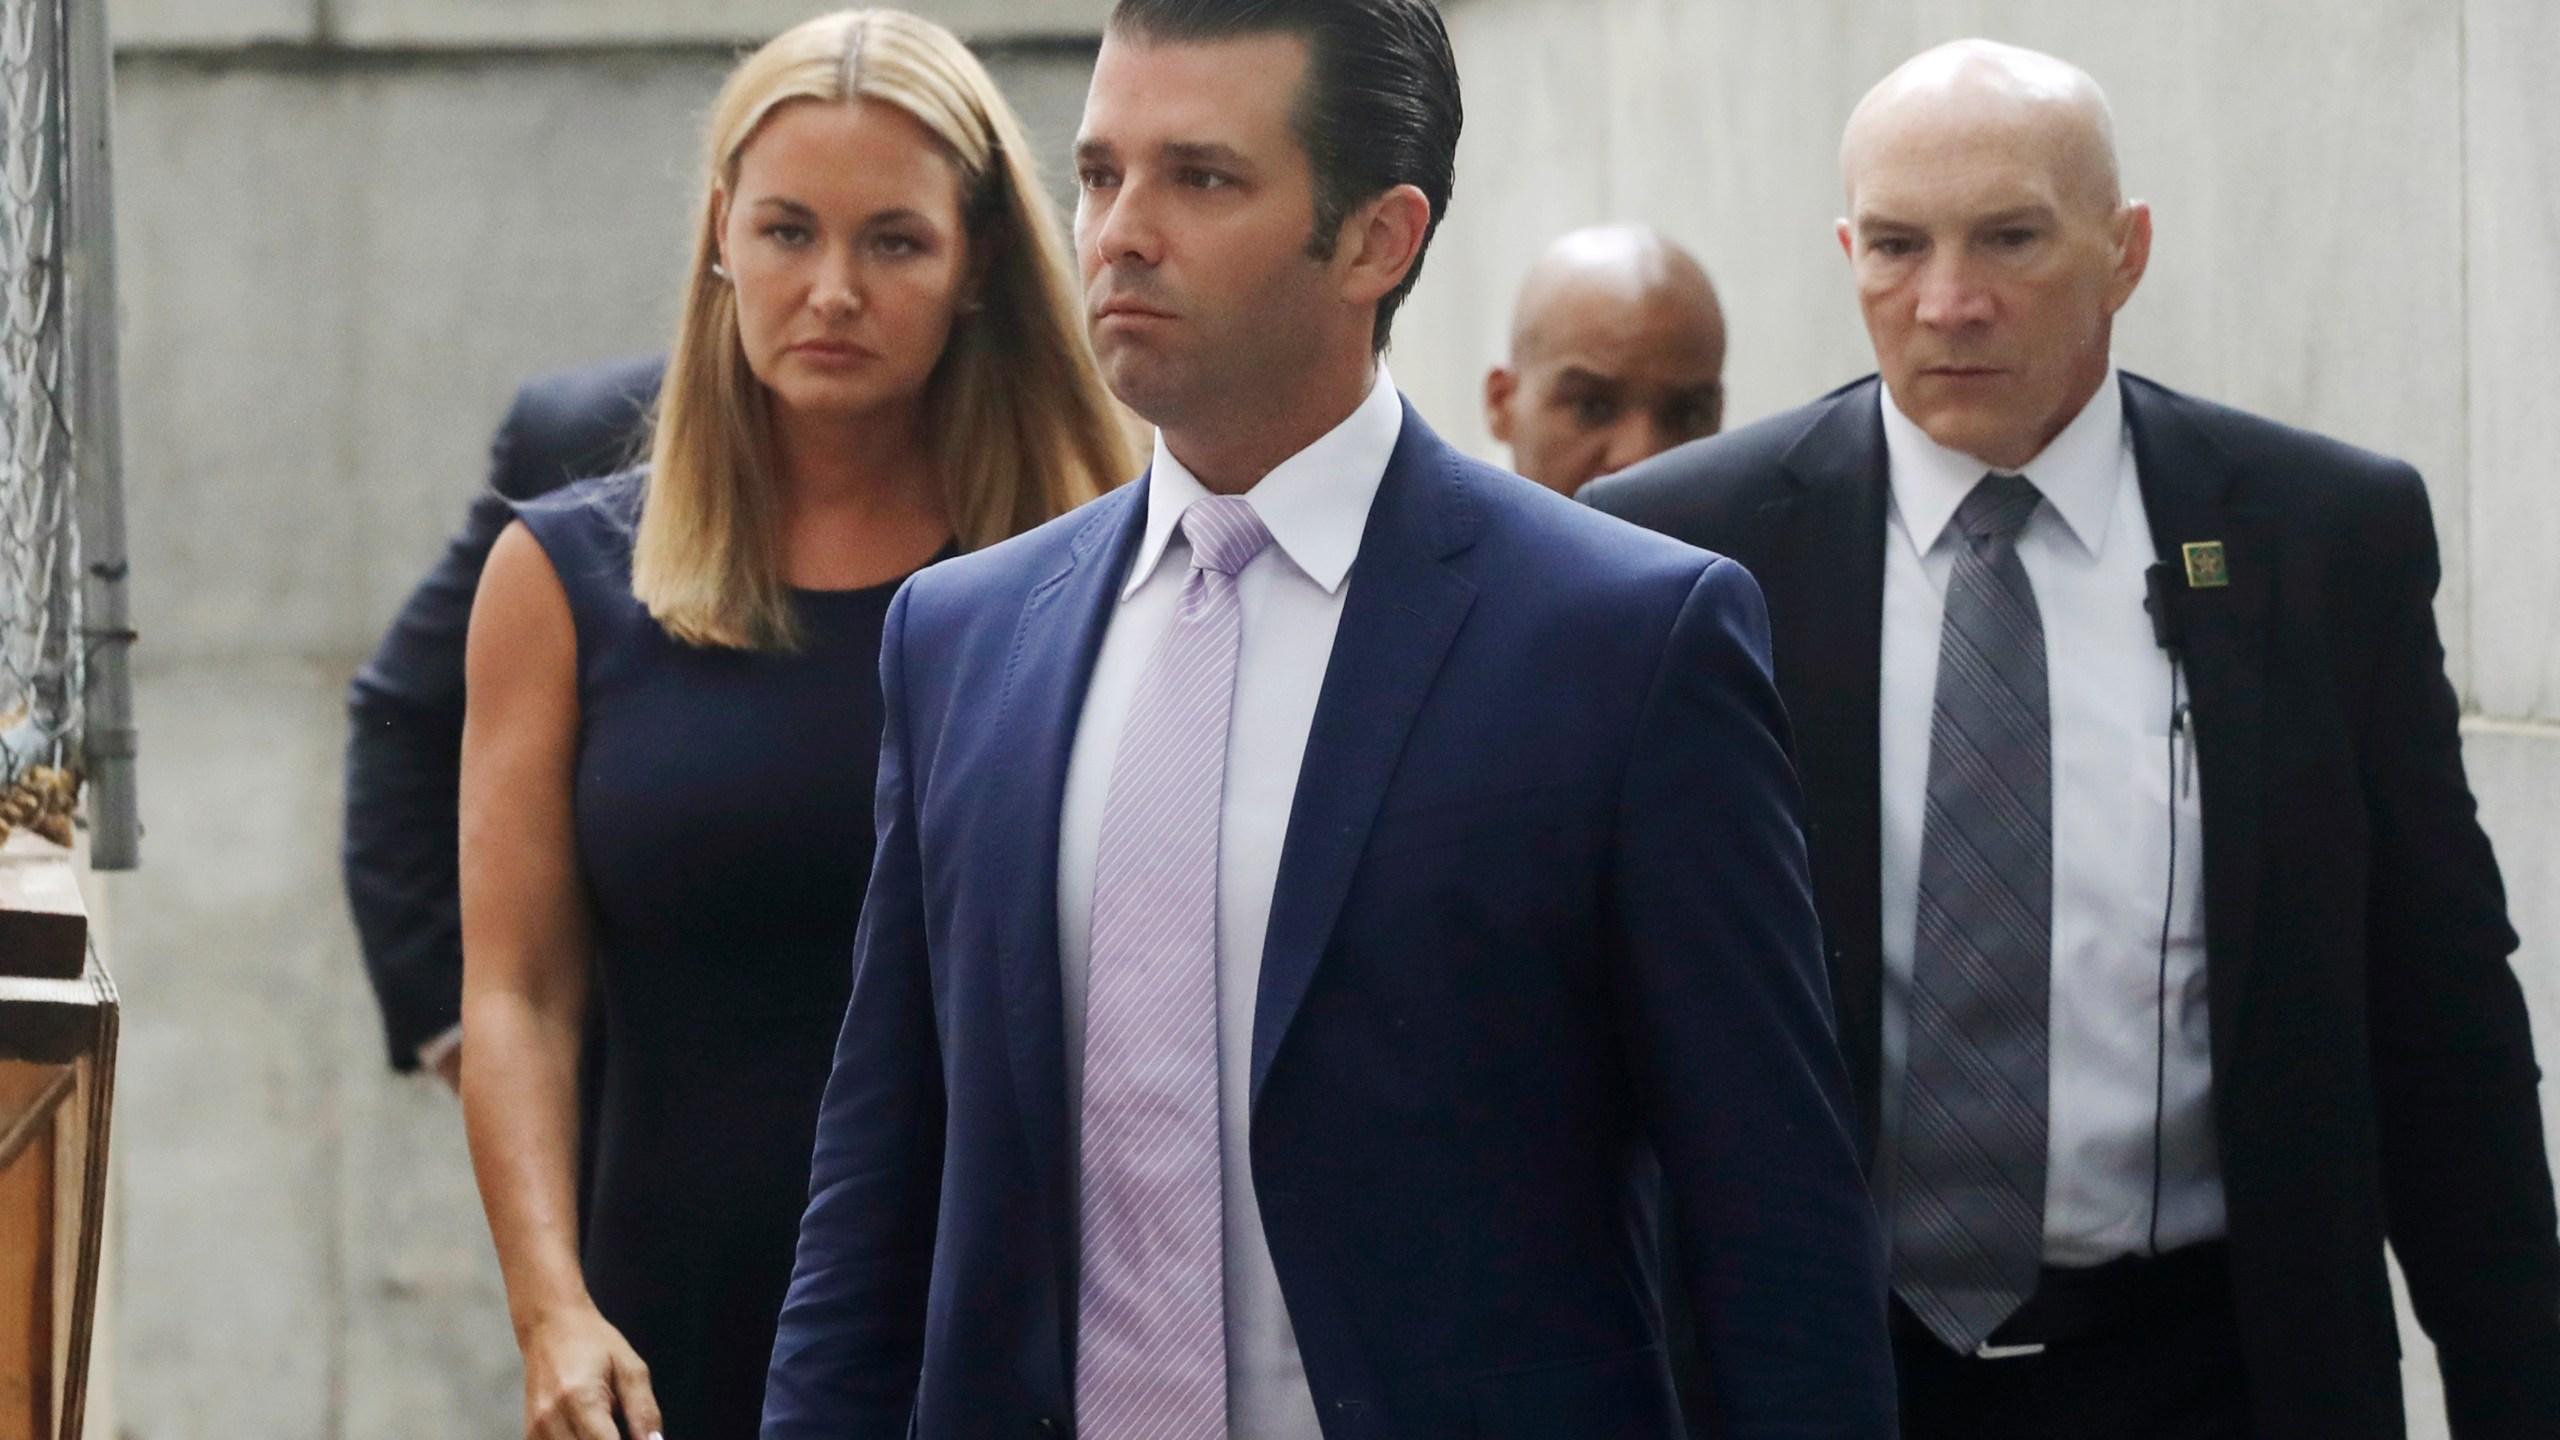 Donald_Trump_Jr_Divorce_68936-159532.jpg61359820